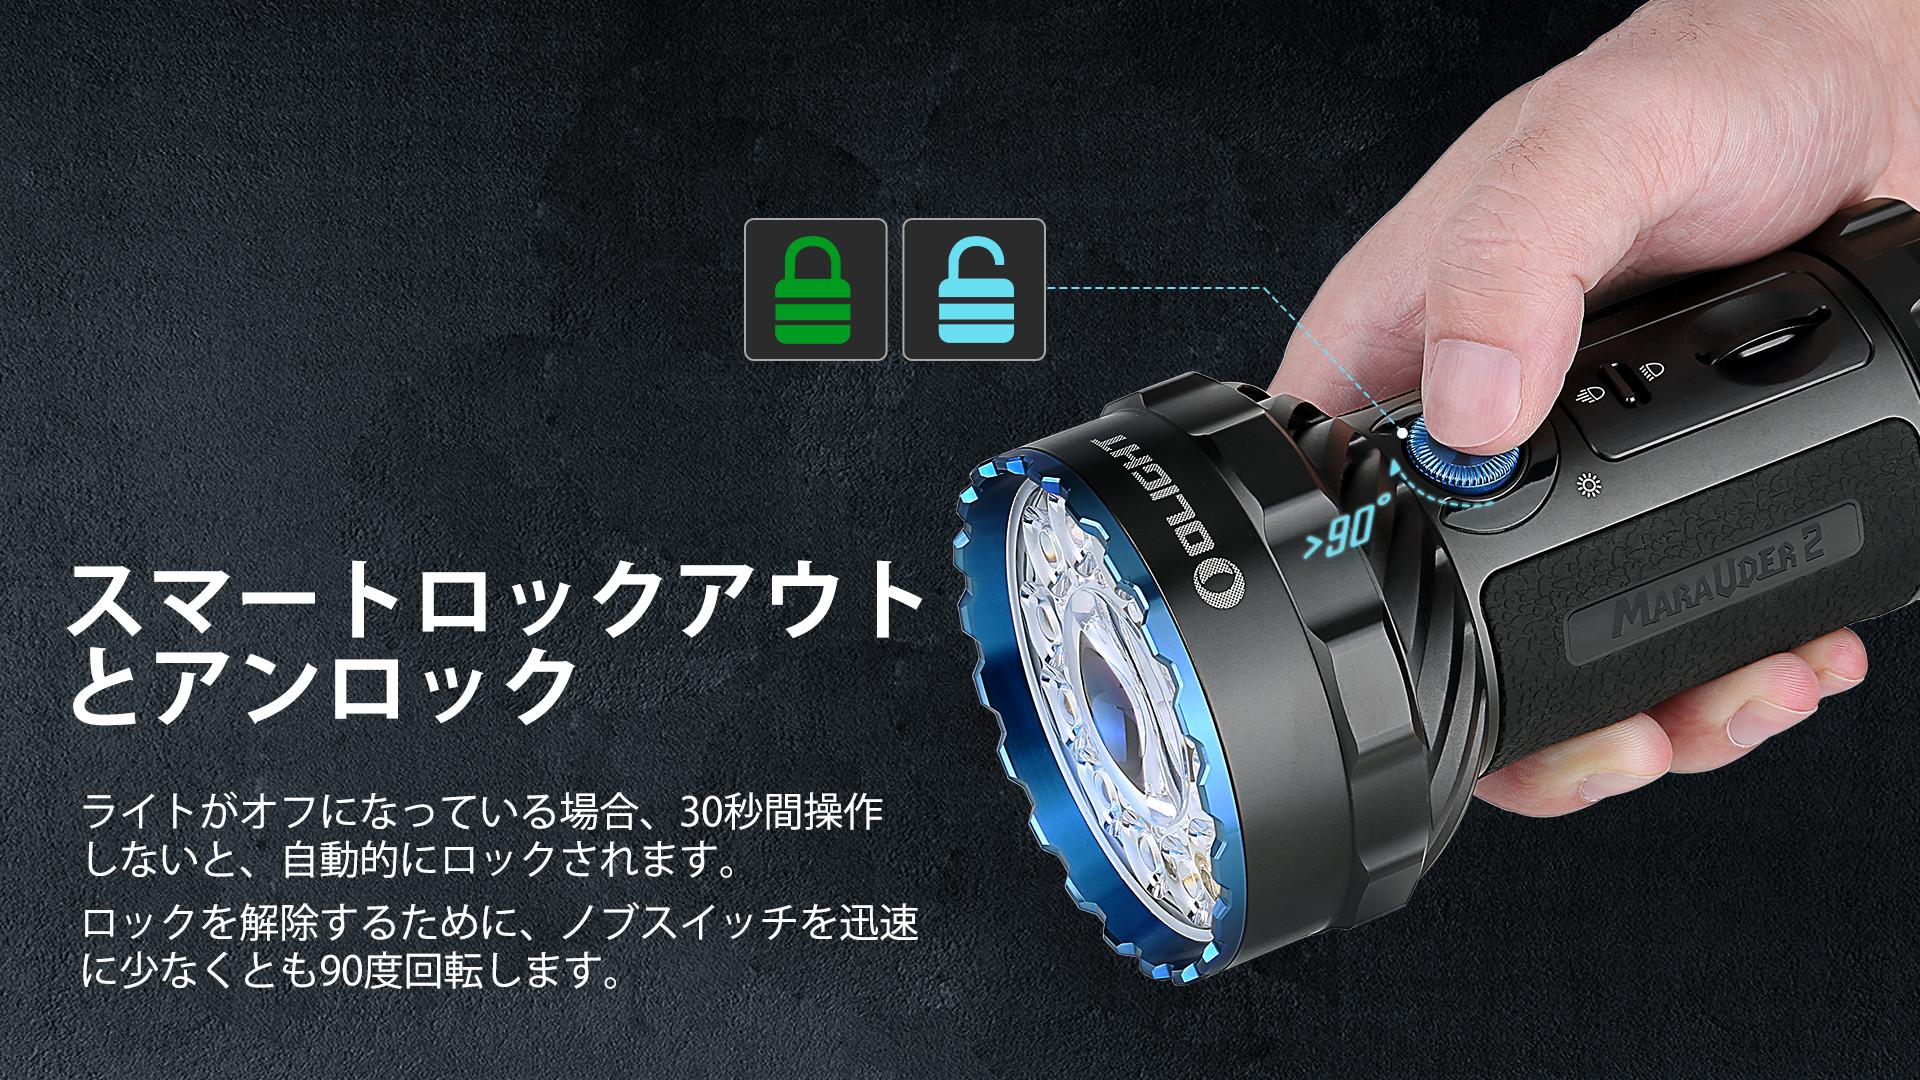 Marauder2には、温度が高すぎるときに懐中電灯を使用する際の危険を防ぐための過熱保護機能があります。